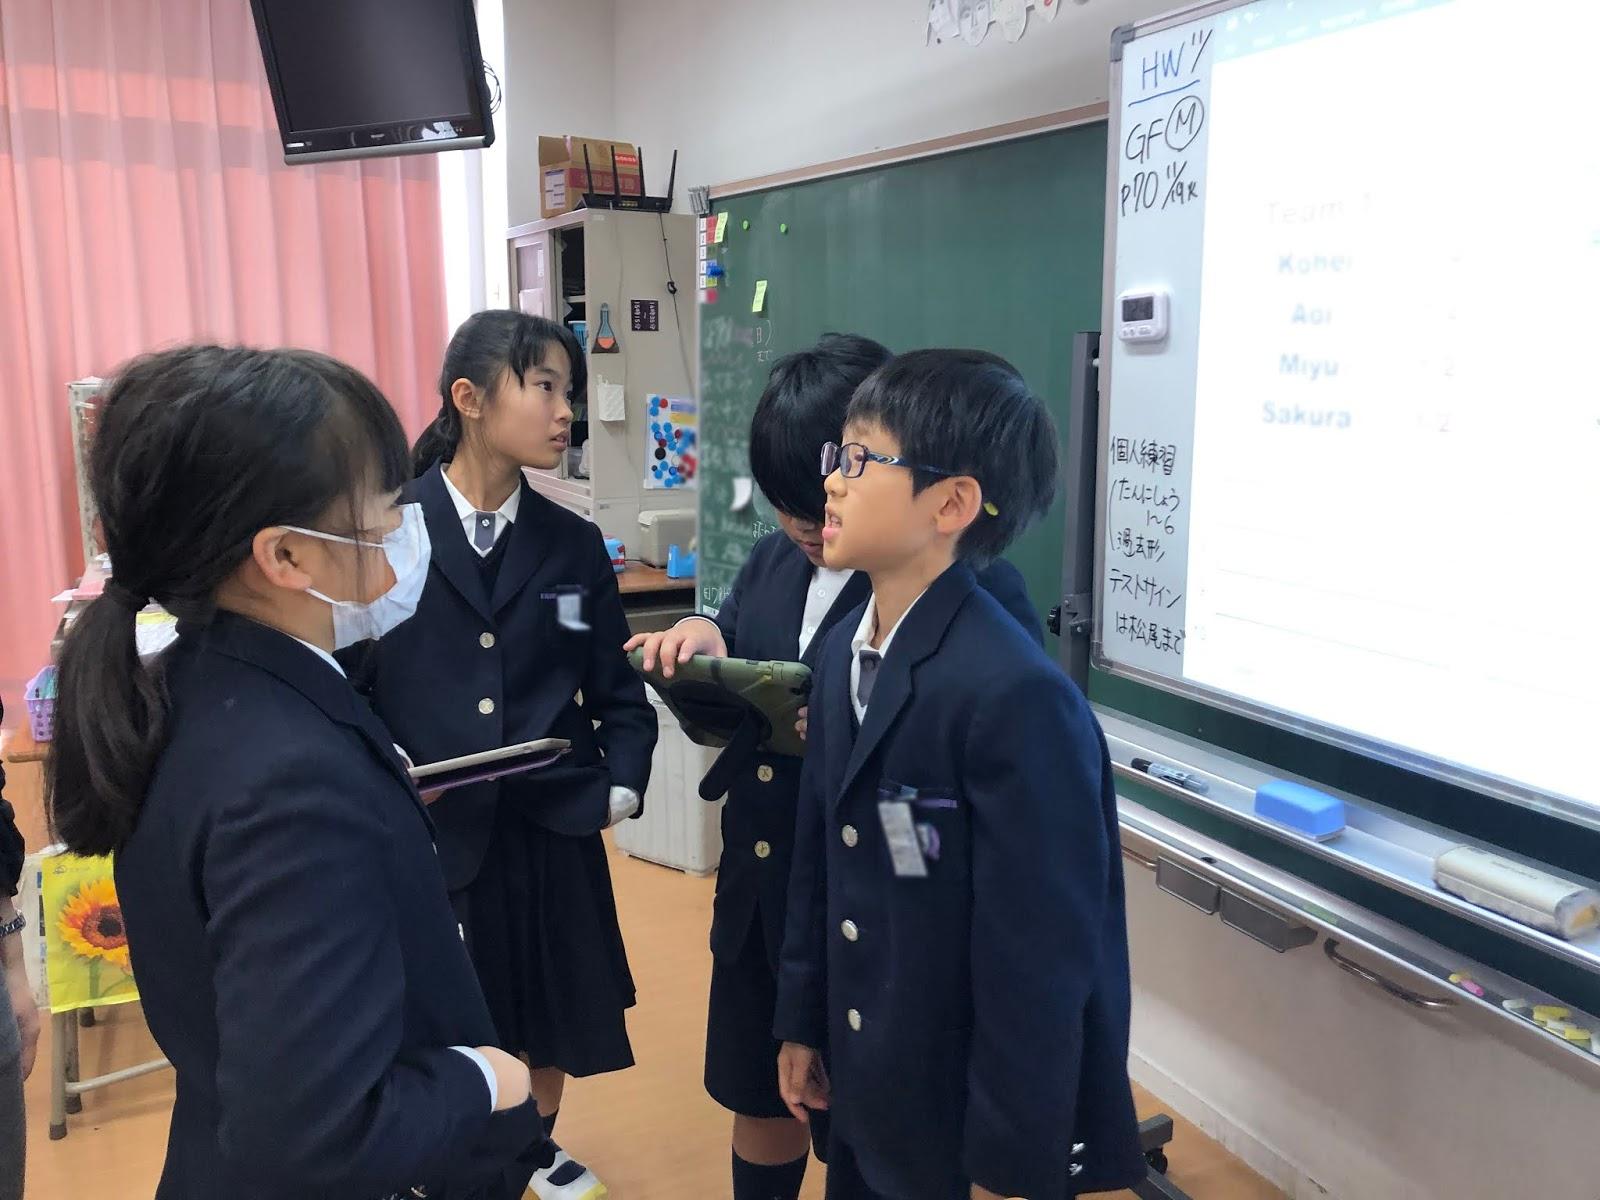 敬愛小學校: 歎異抄(英文)の練習